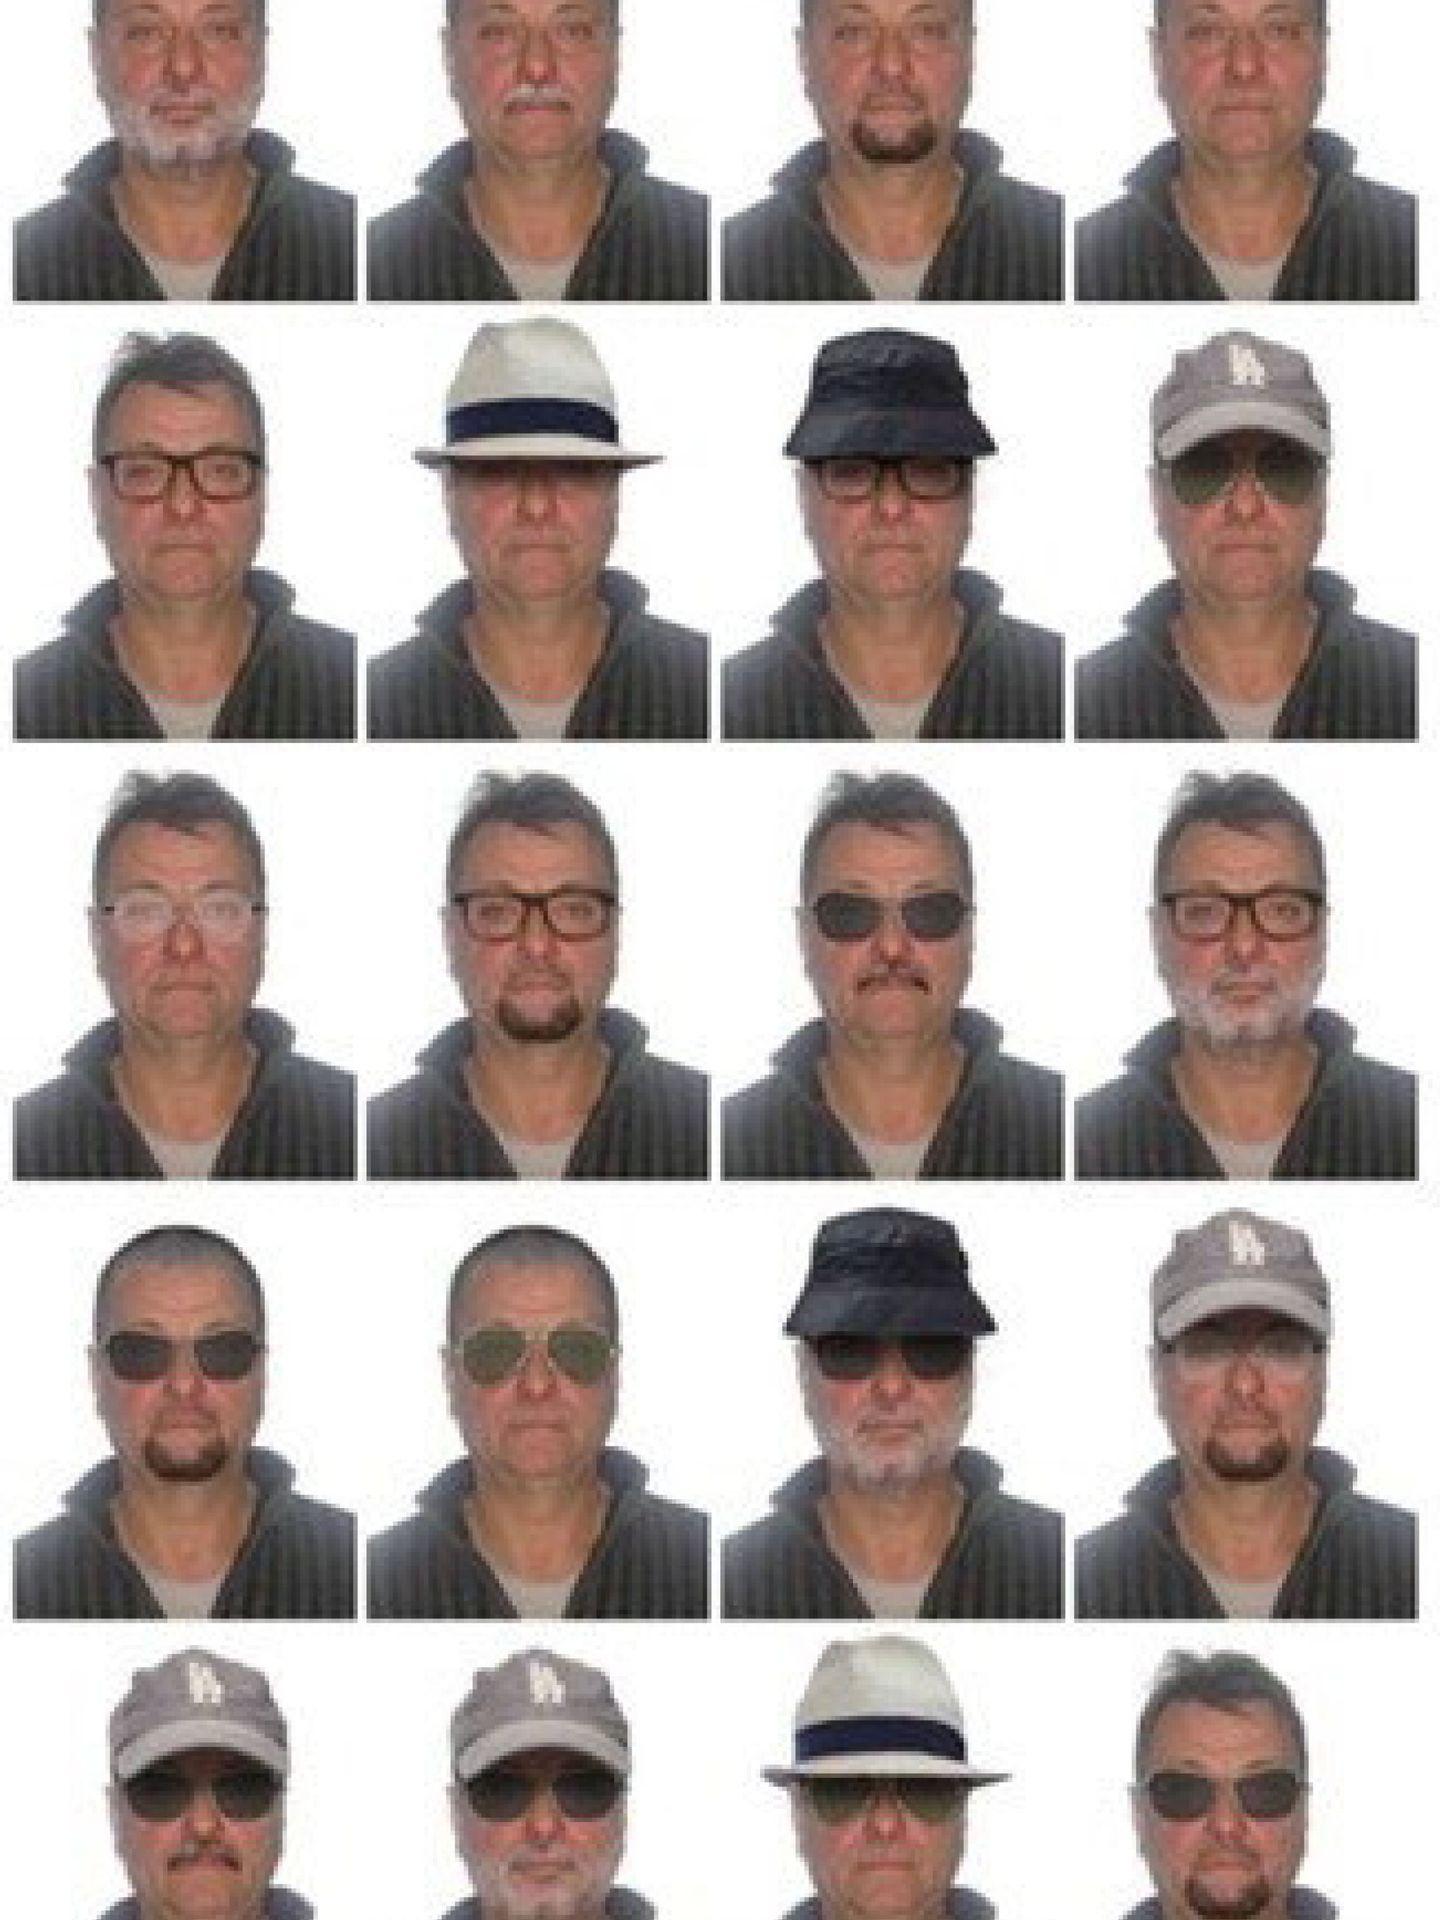 El retrato robor de Battisti que había difundido la Interpol. (EFE)